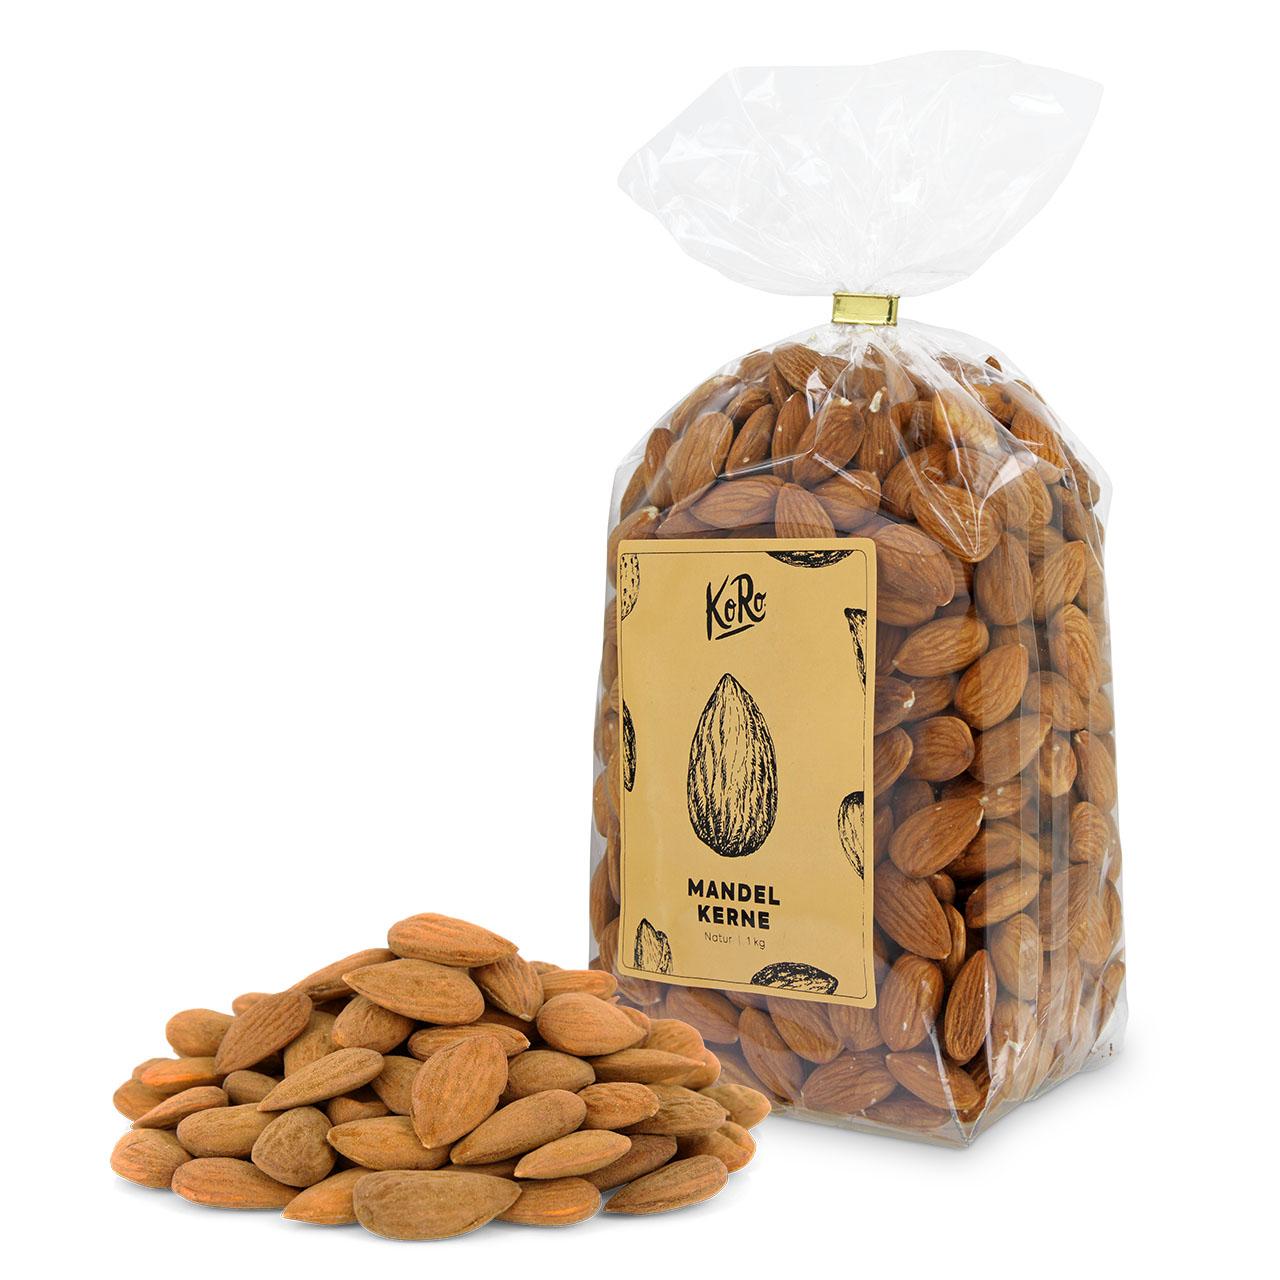 koro bio mandelkerne mandeln m slis ohne zus tze 1 kg natur vegan vegetarier. Black Bedroom Furniture Sets. Home Design Ideas